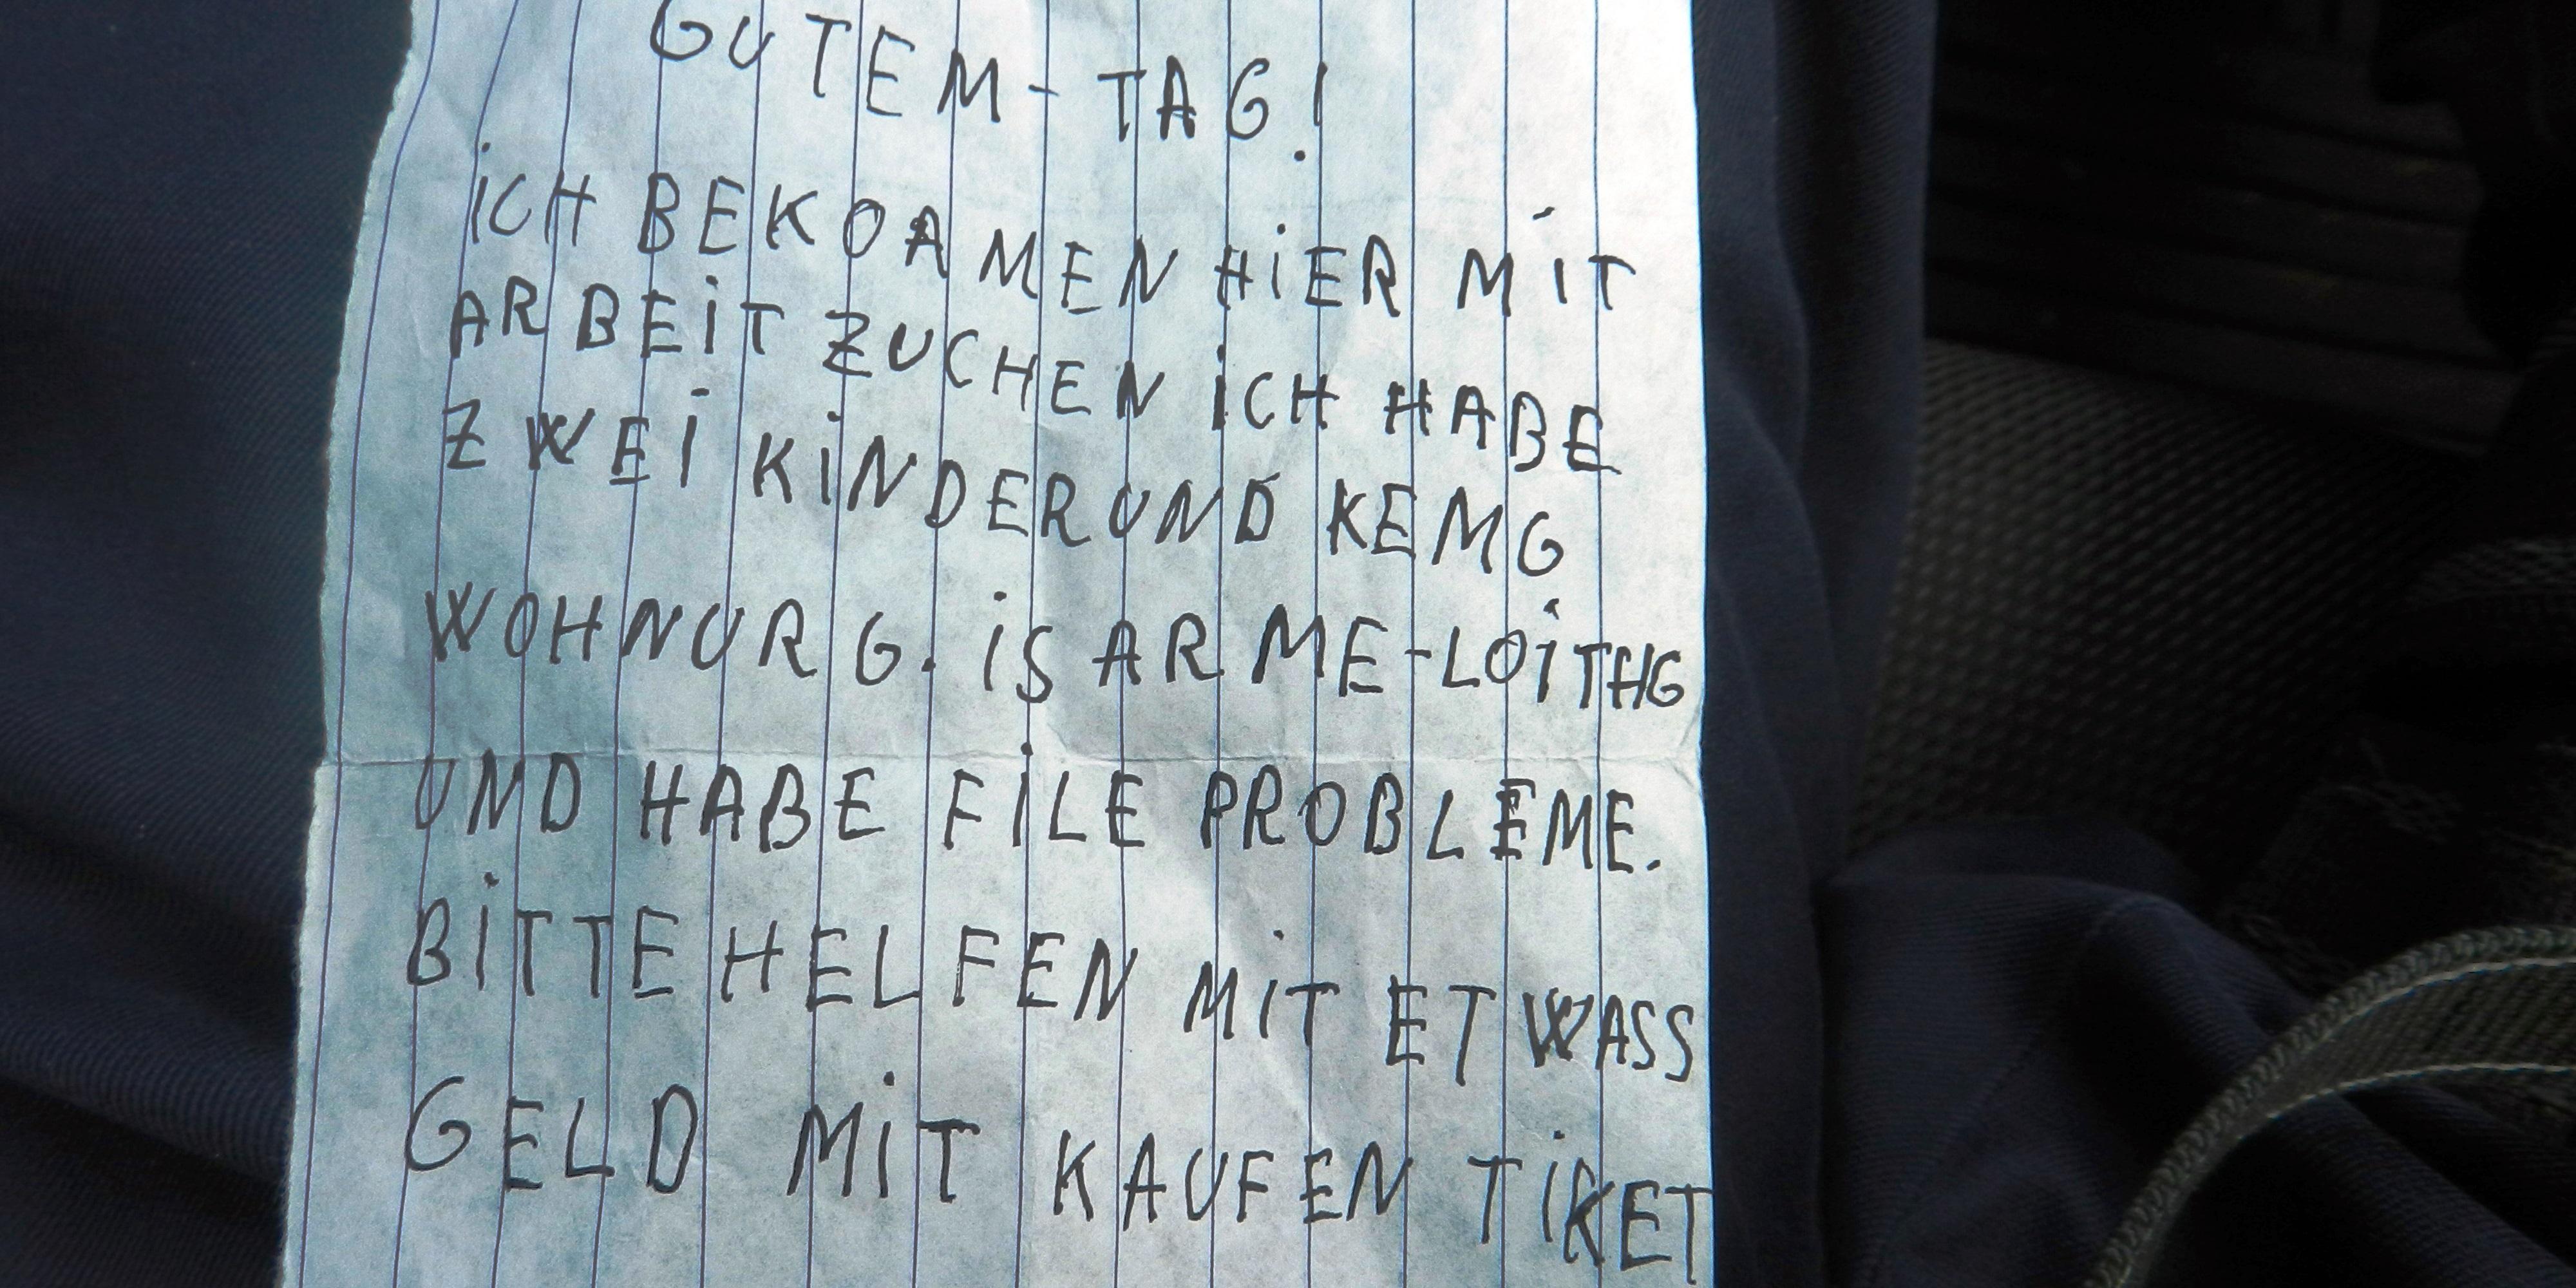 Bild Spendenzettel eines dubiosen Bettlers